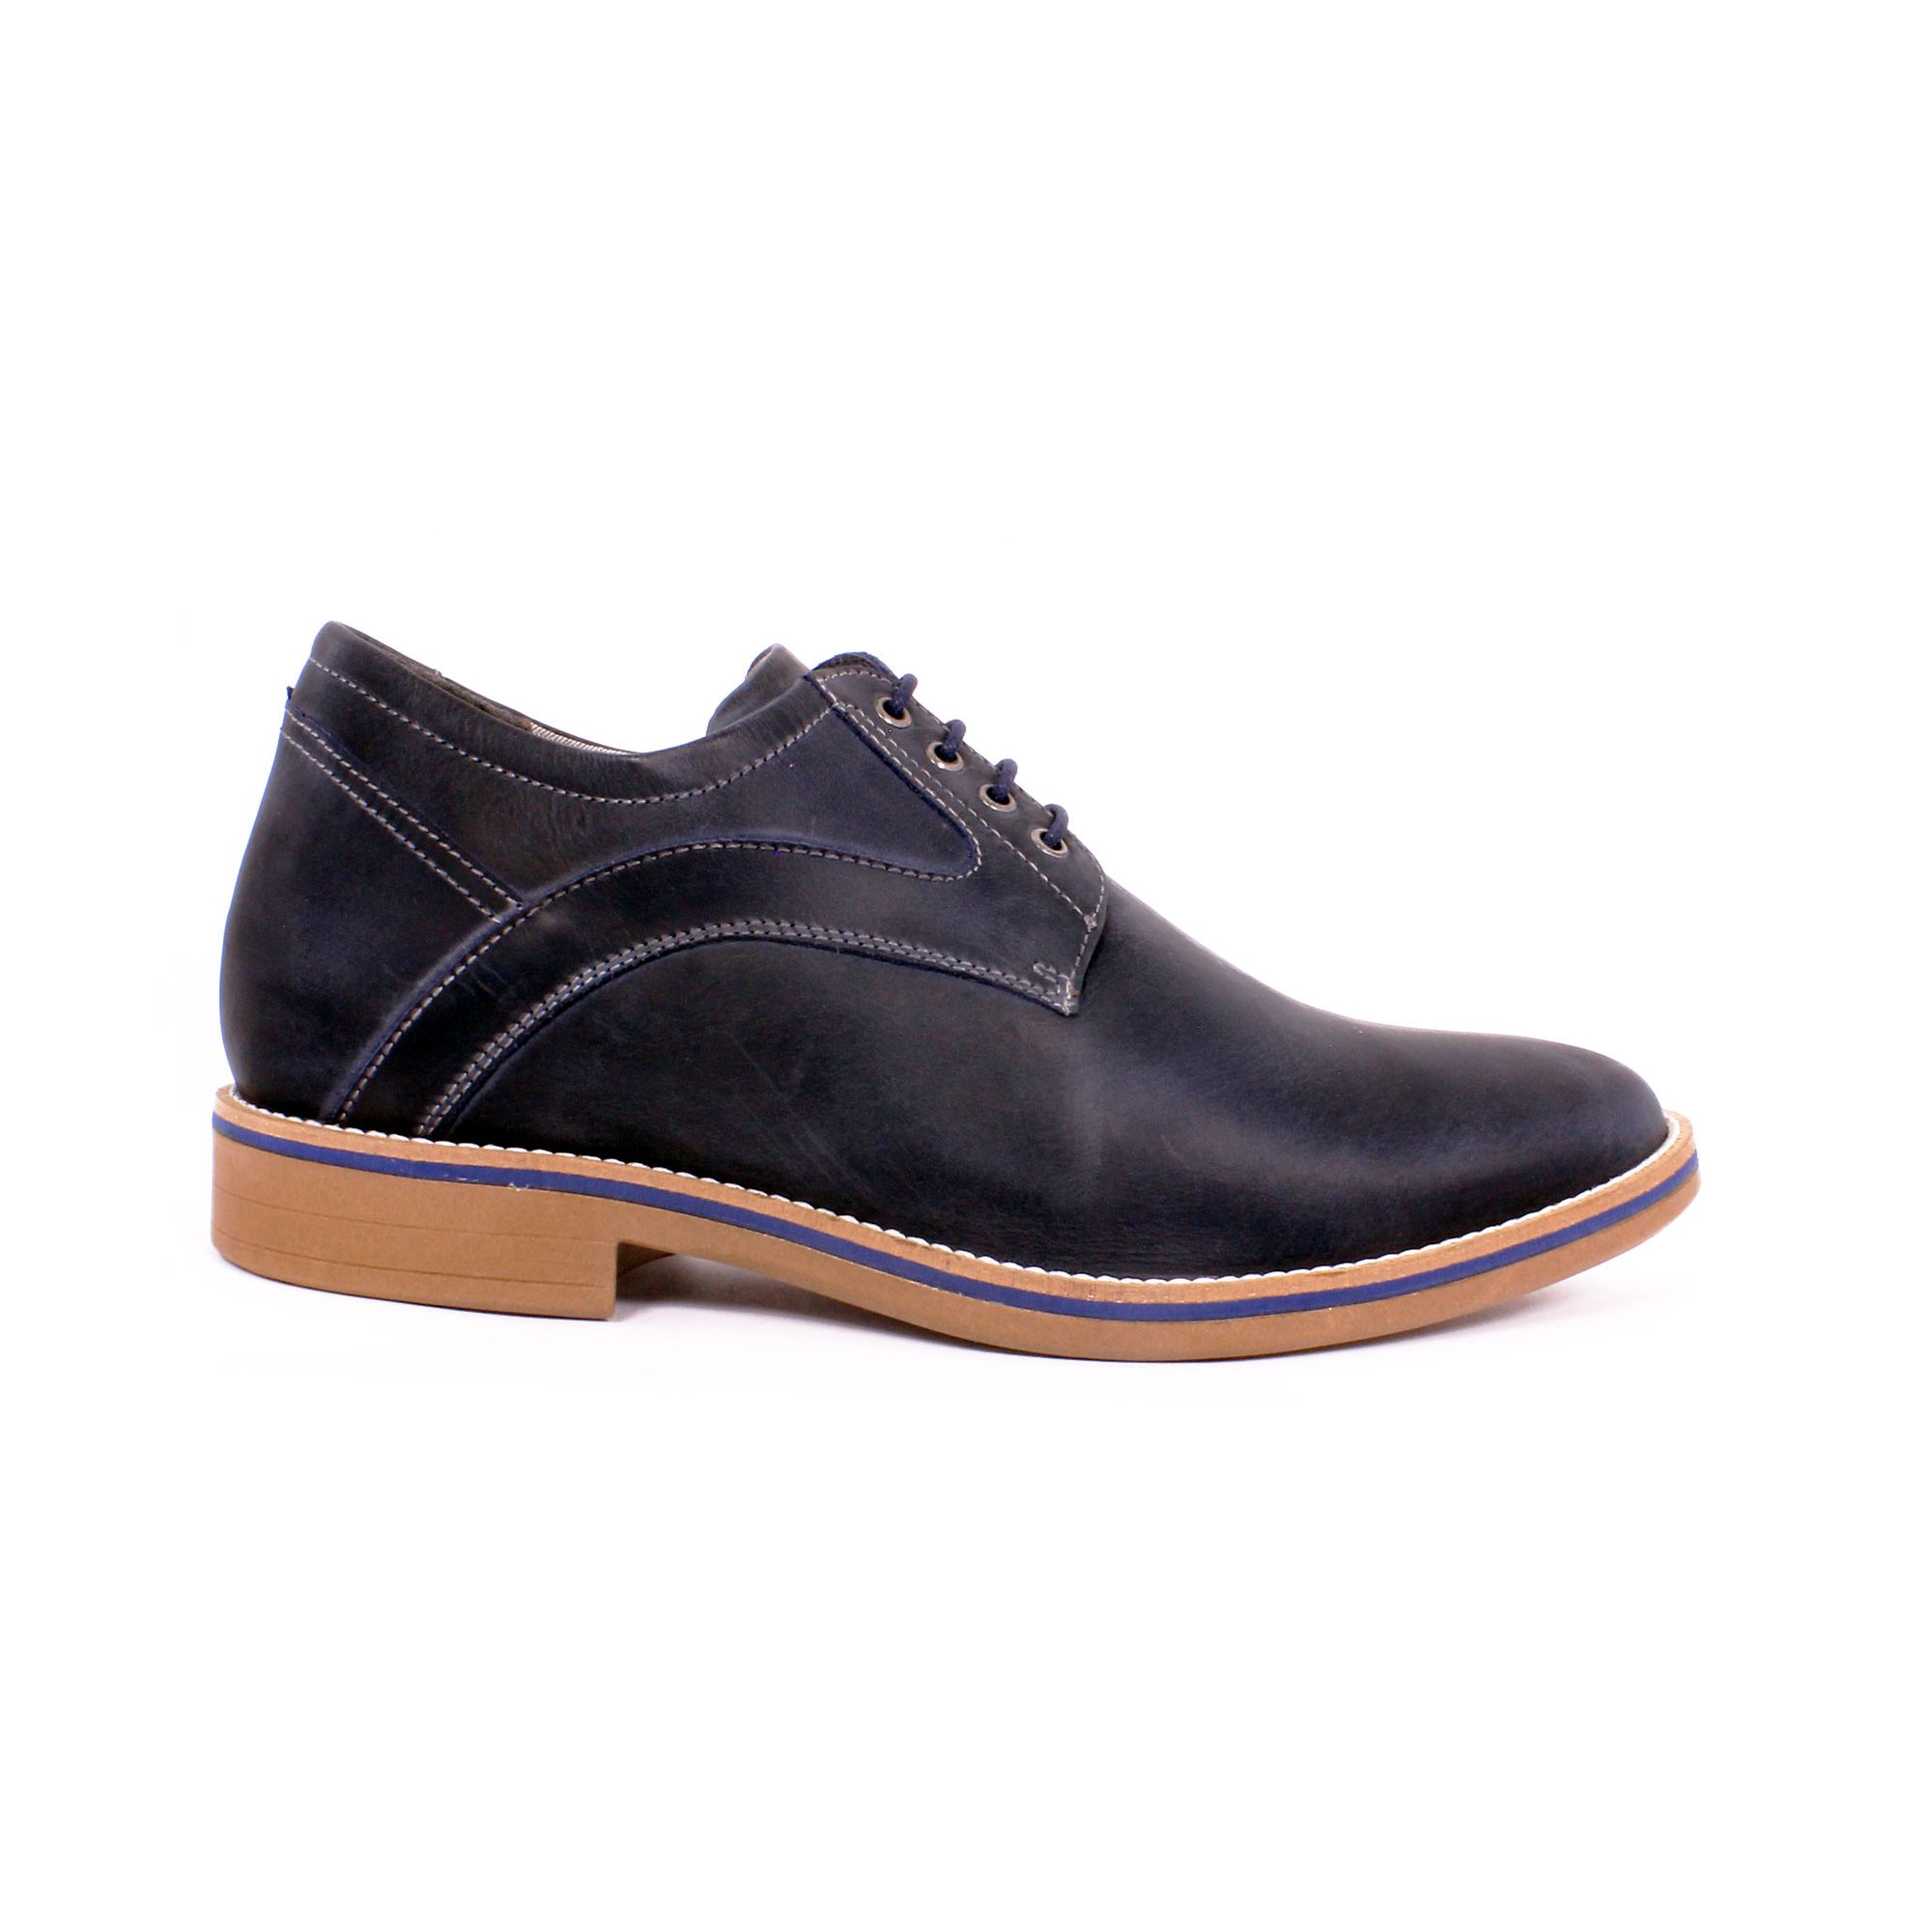 Zapato Casual Culture Azul Max Denegri +7cm de Altura_70794